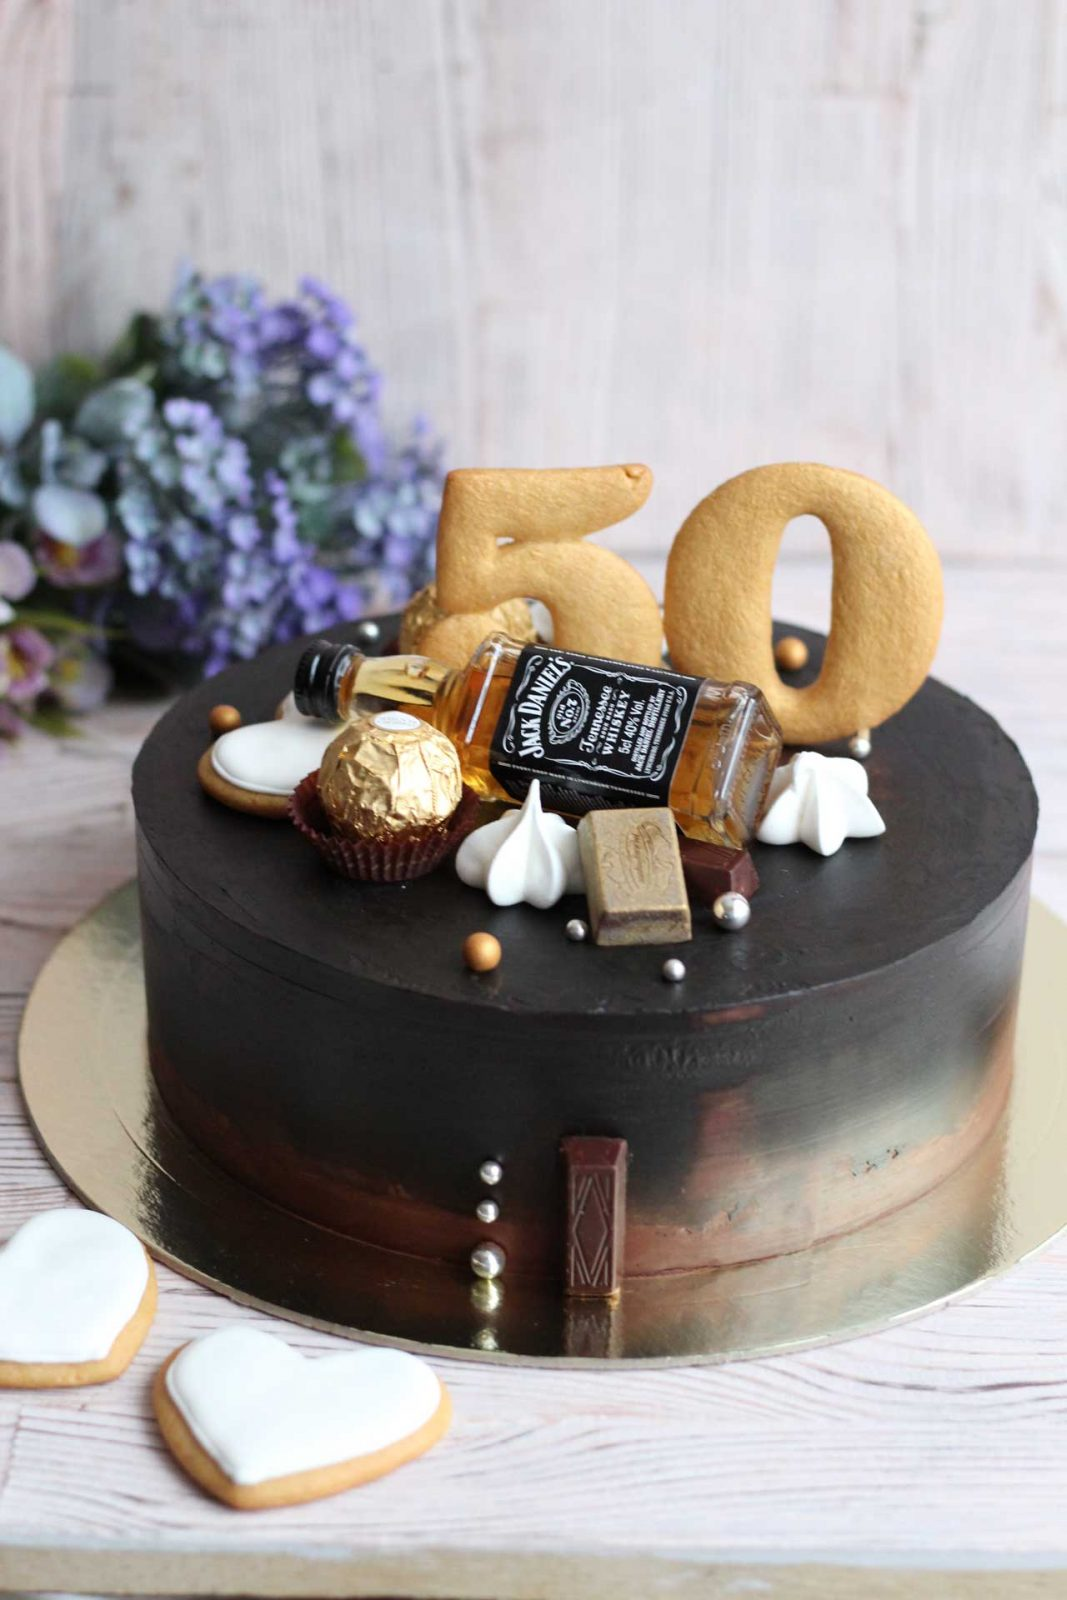 Тортик в шоколаде с бутылочкой